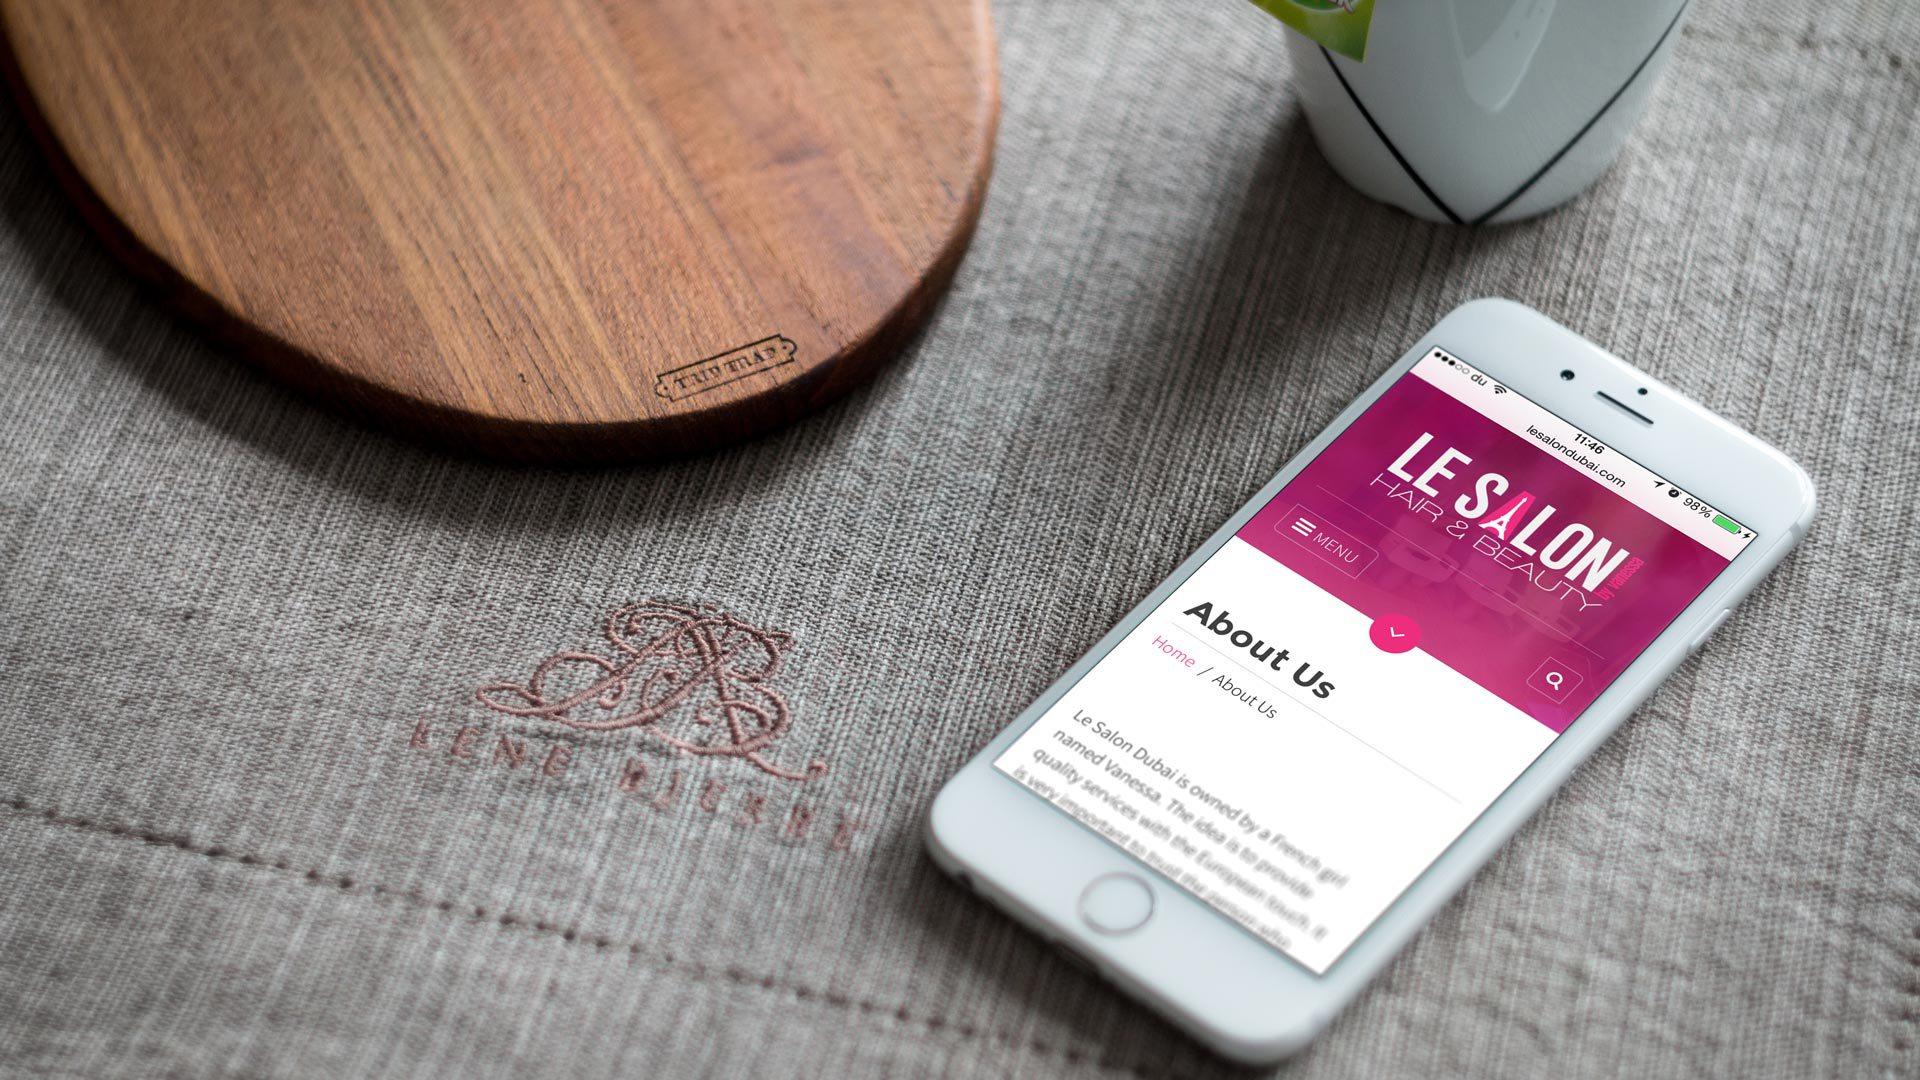 Le-Salon-website-1